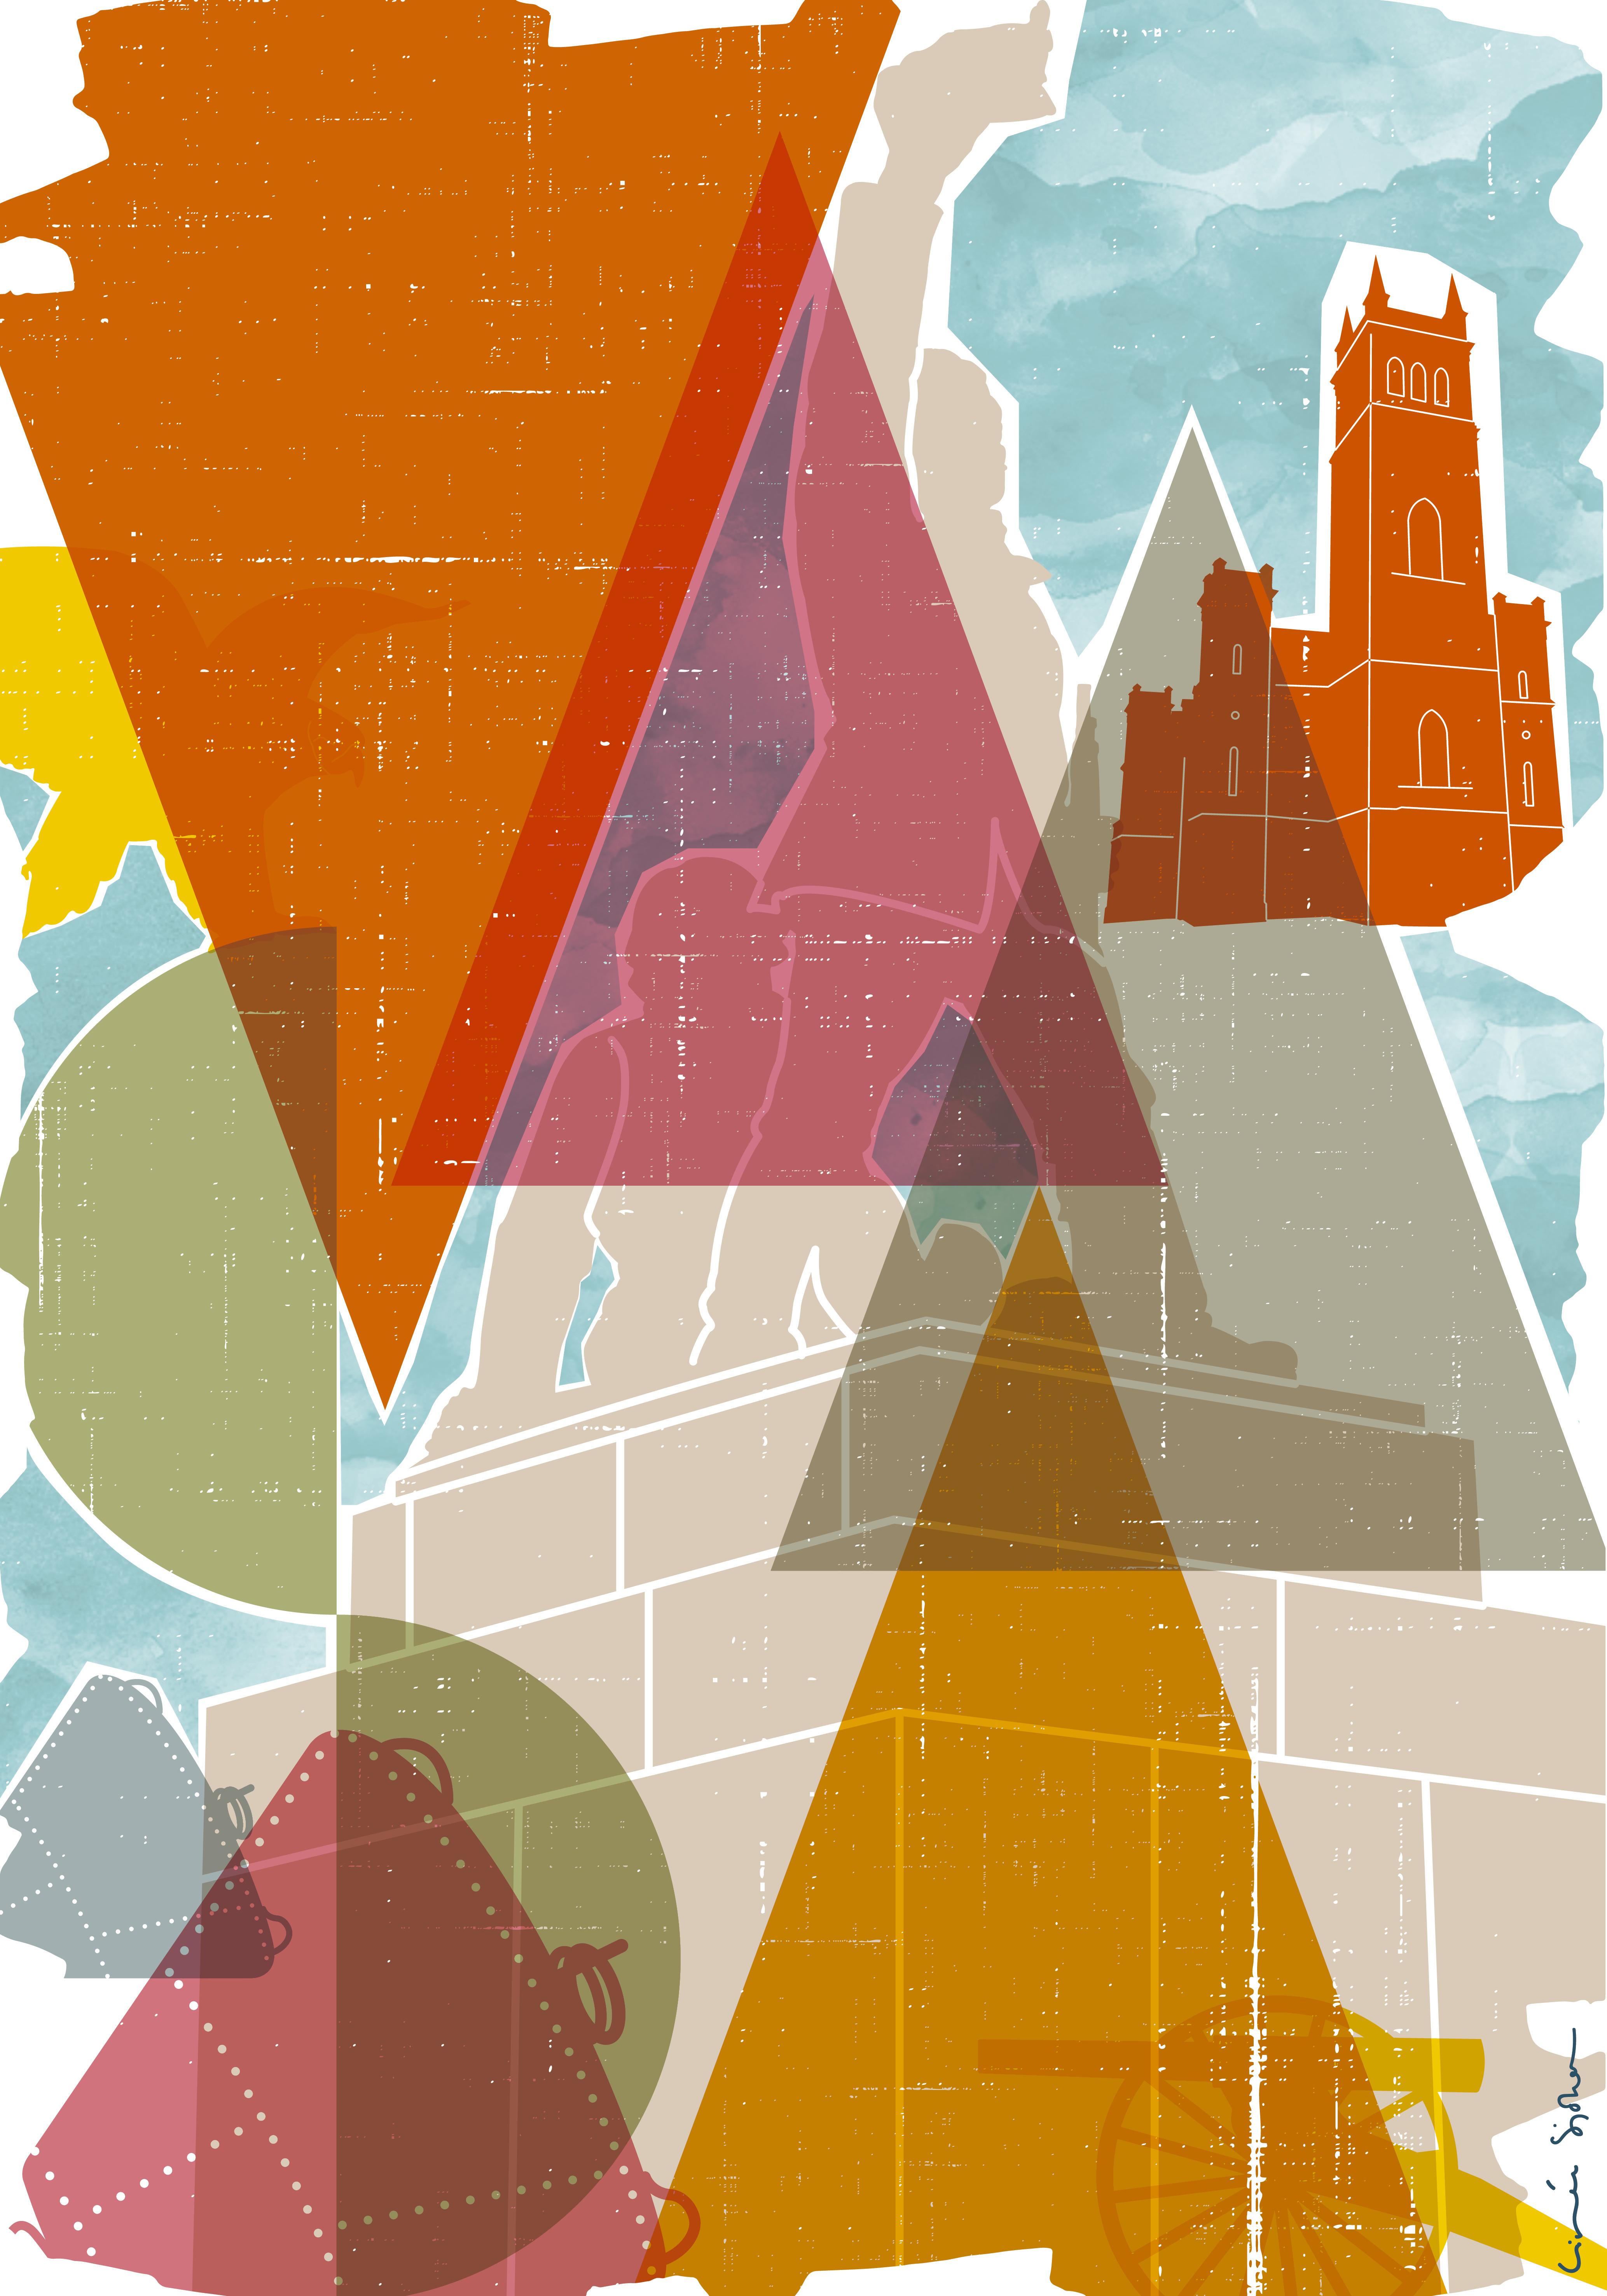 Vaasa poster illustration